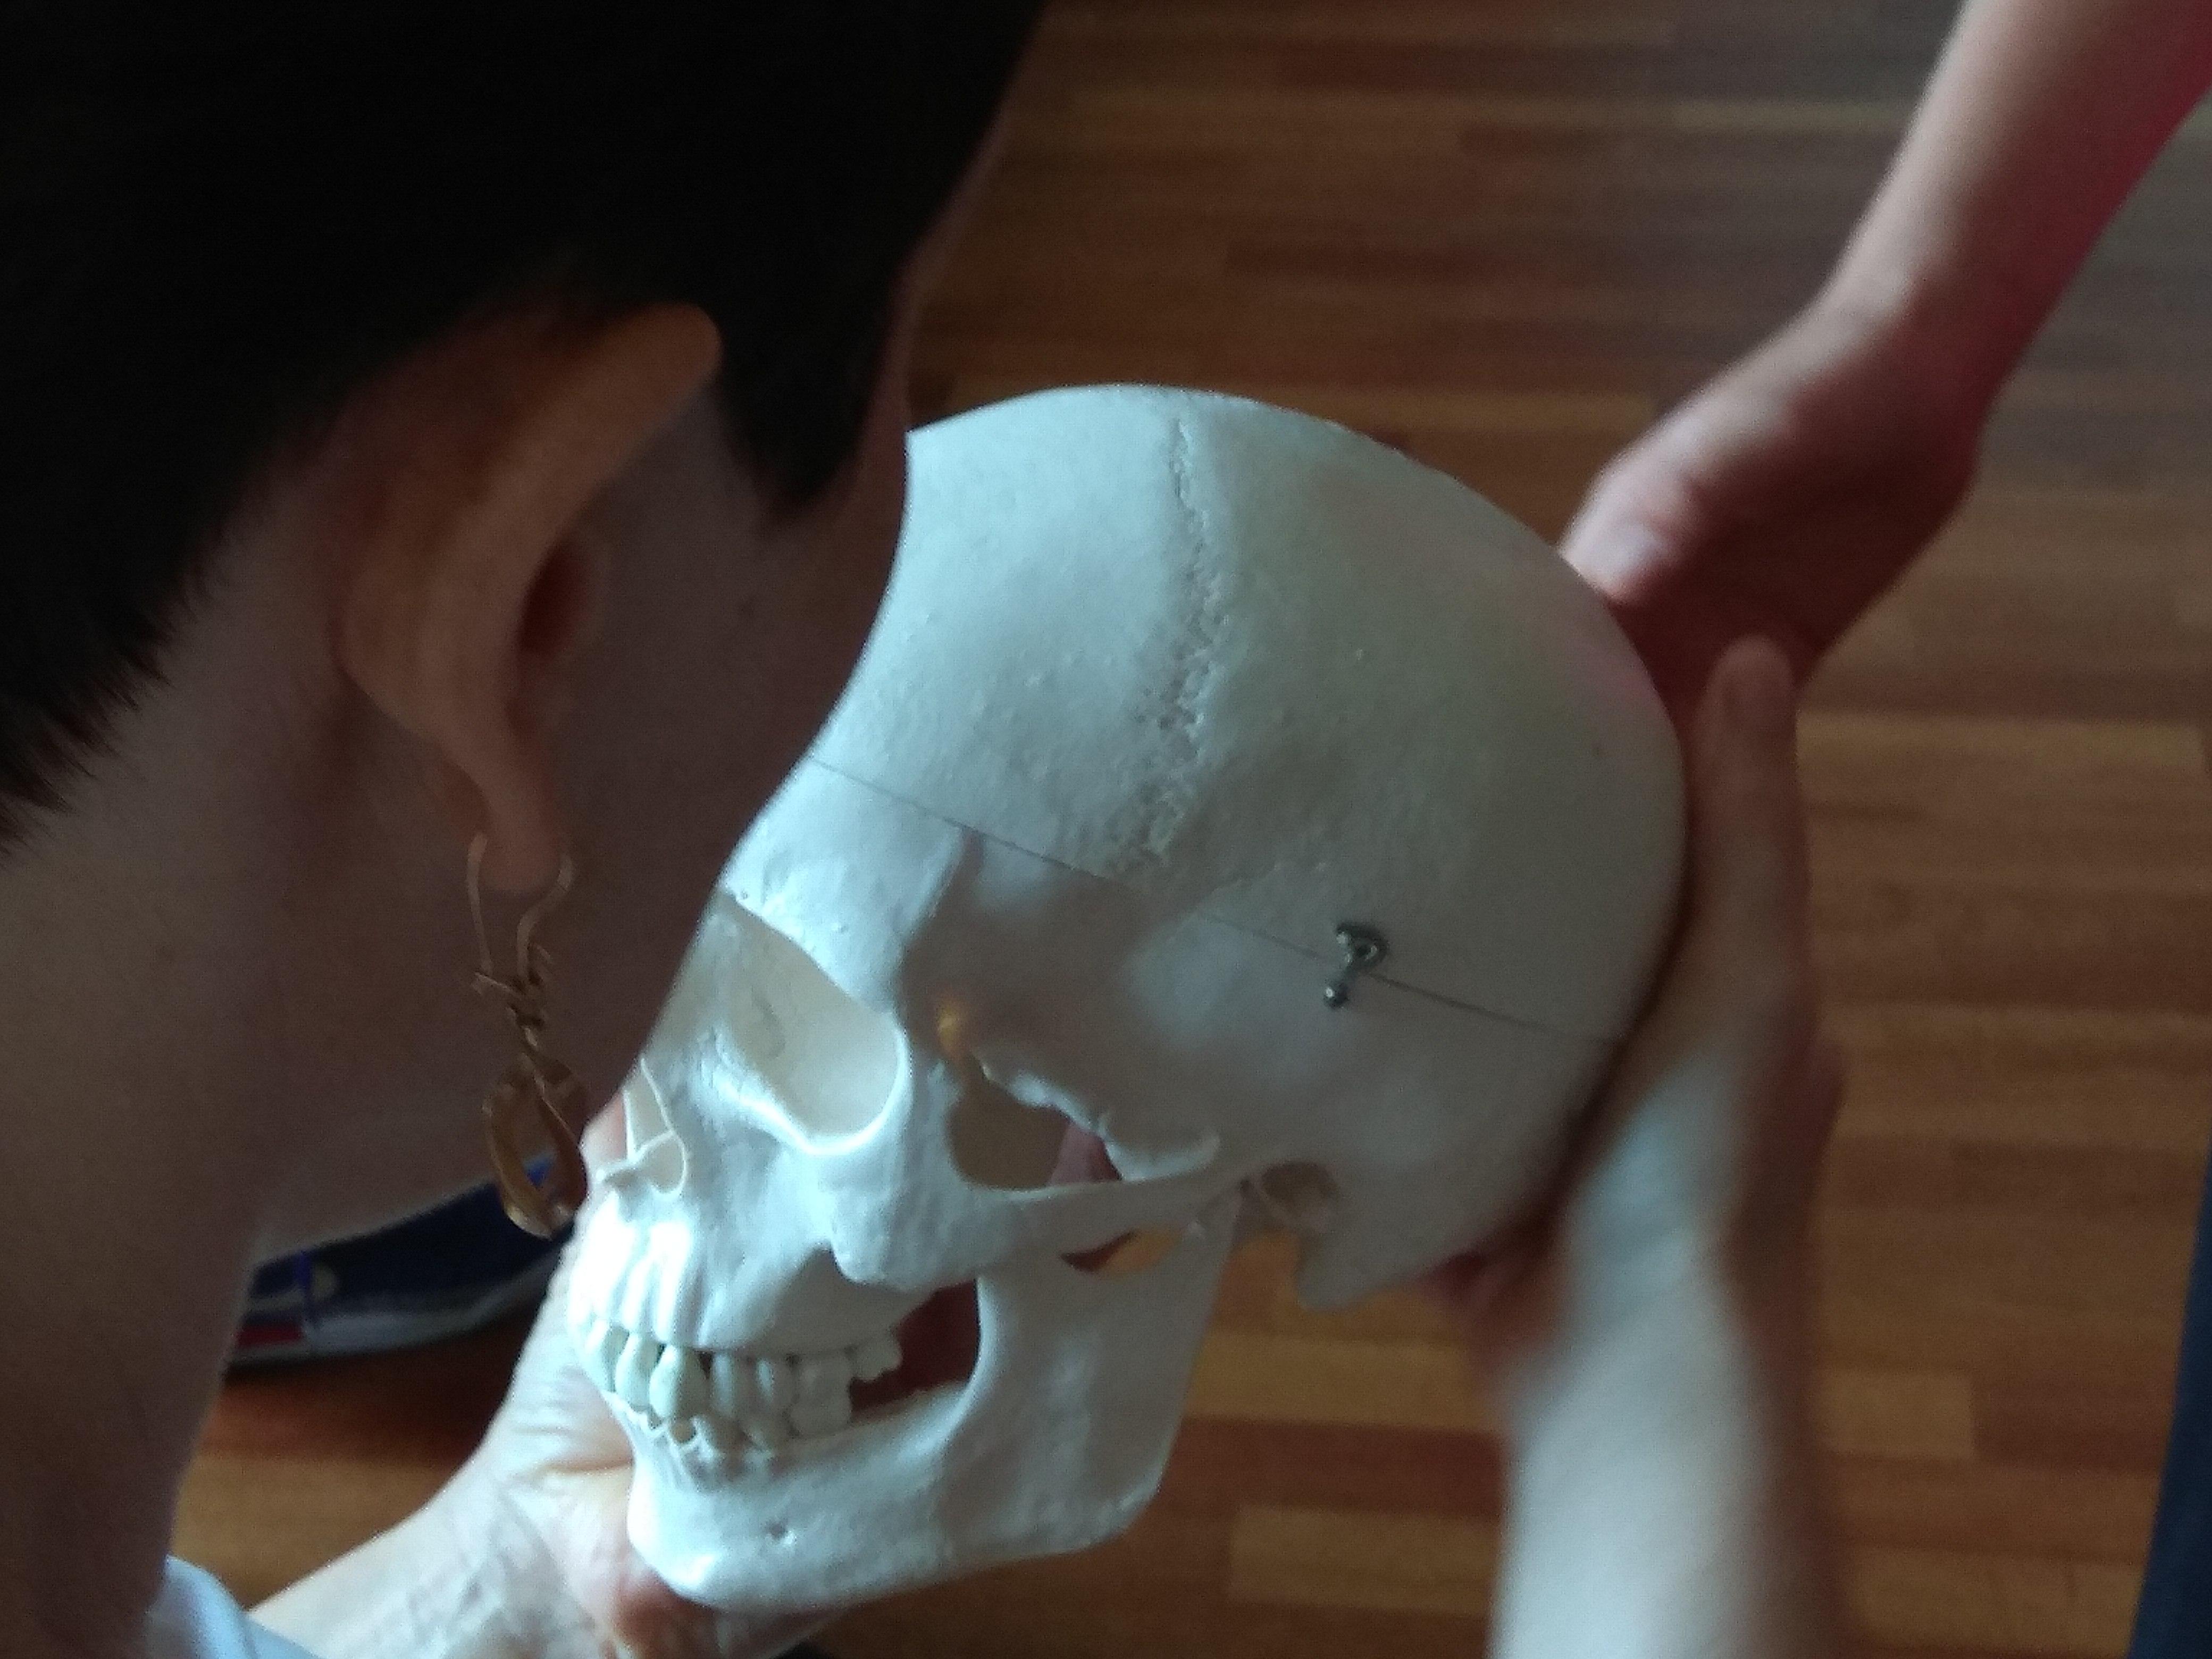 Kobieca dłoń trzyma od spodu model czaszki. Widzimy fragment twarzy kobiety, to szatynka w krótkich włosach.